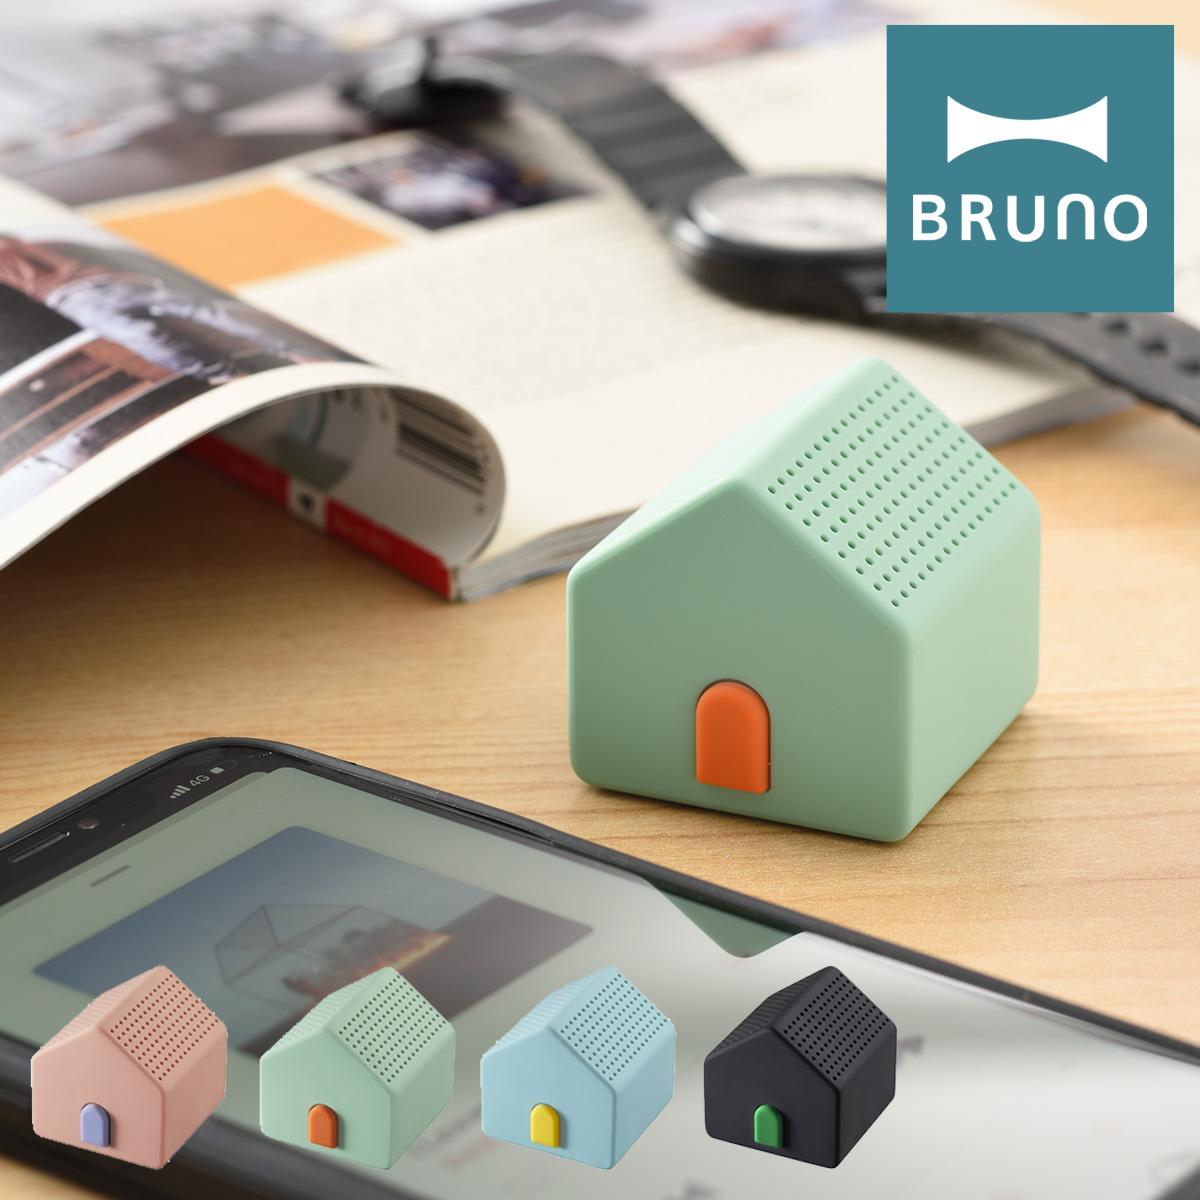 全品送料無料 あす楽 ブルーノ Bluetooth スピーカー ワイヤレススピーカー 人気の定番 BRUNO 最安値 BDE045 ハウス 即日発送 一年保証 インテリア雑貨